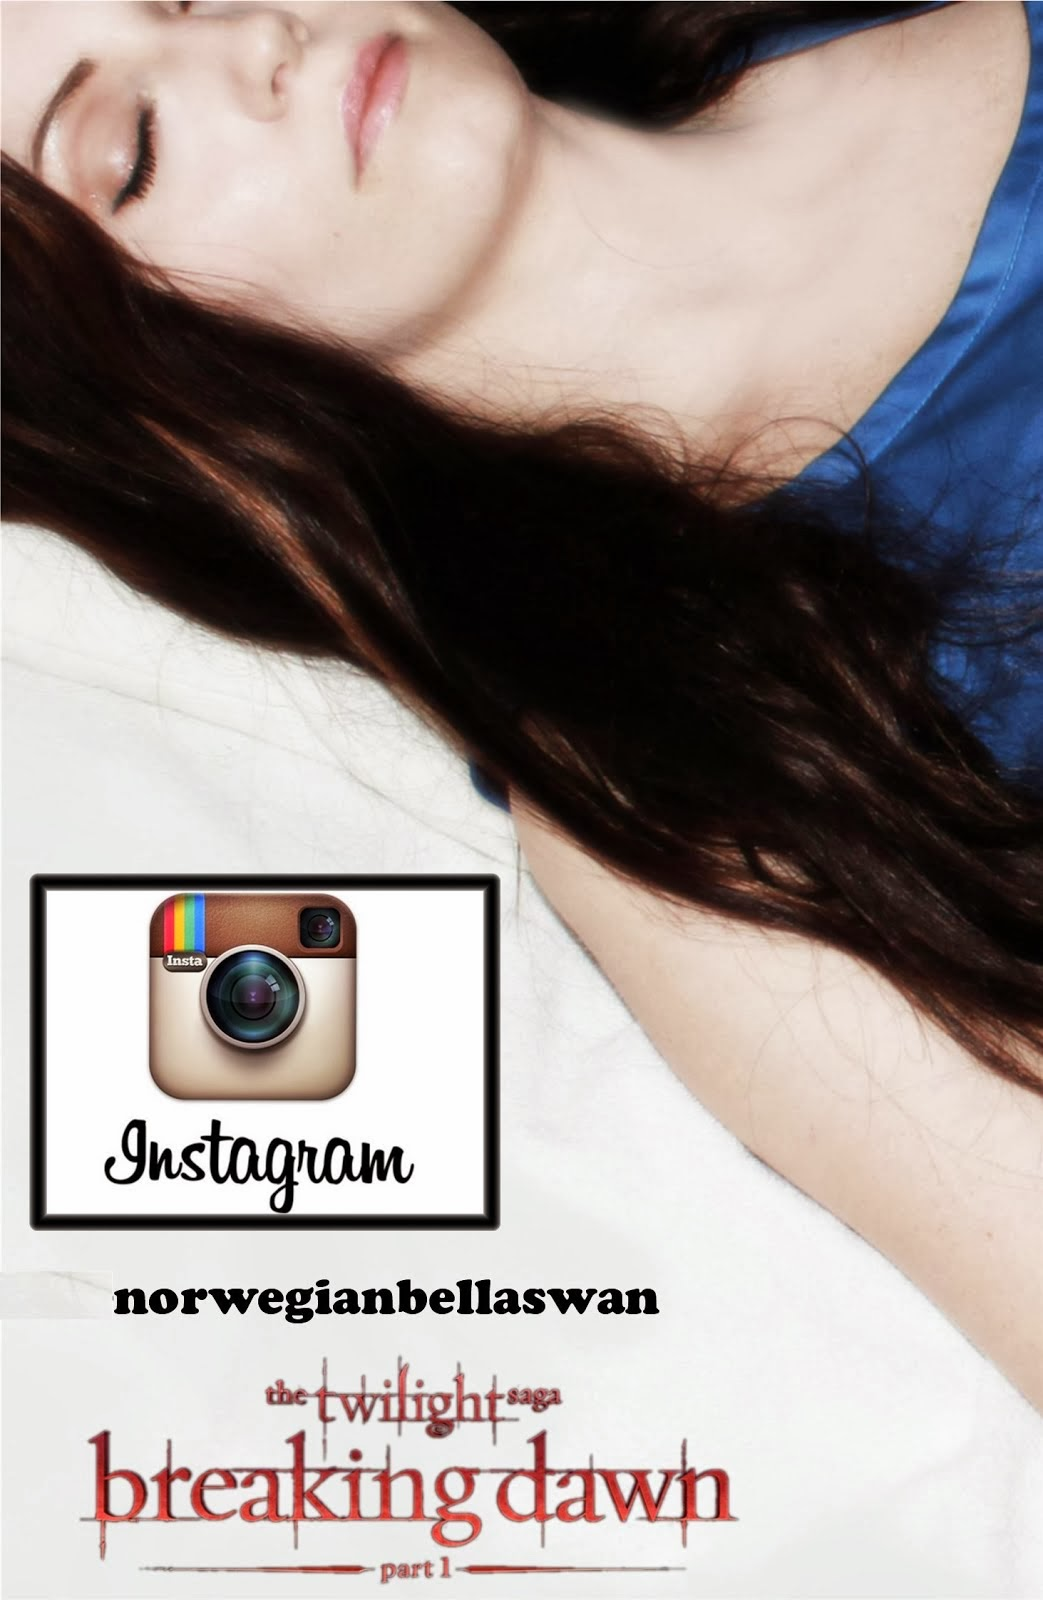 Følg meg på instagram: norwegianbellaswan